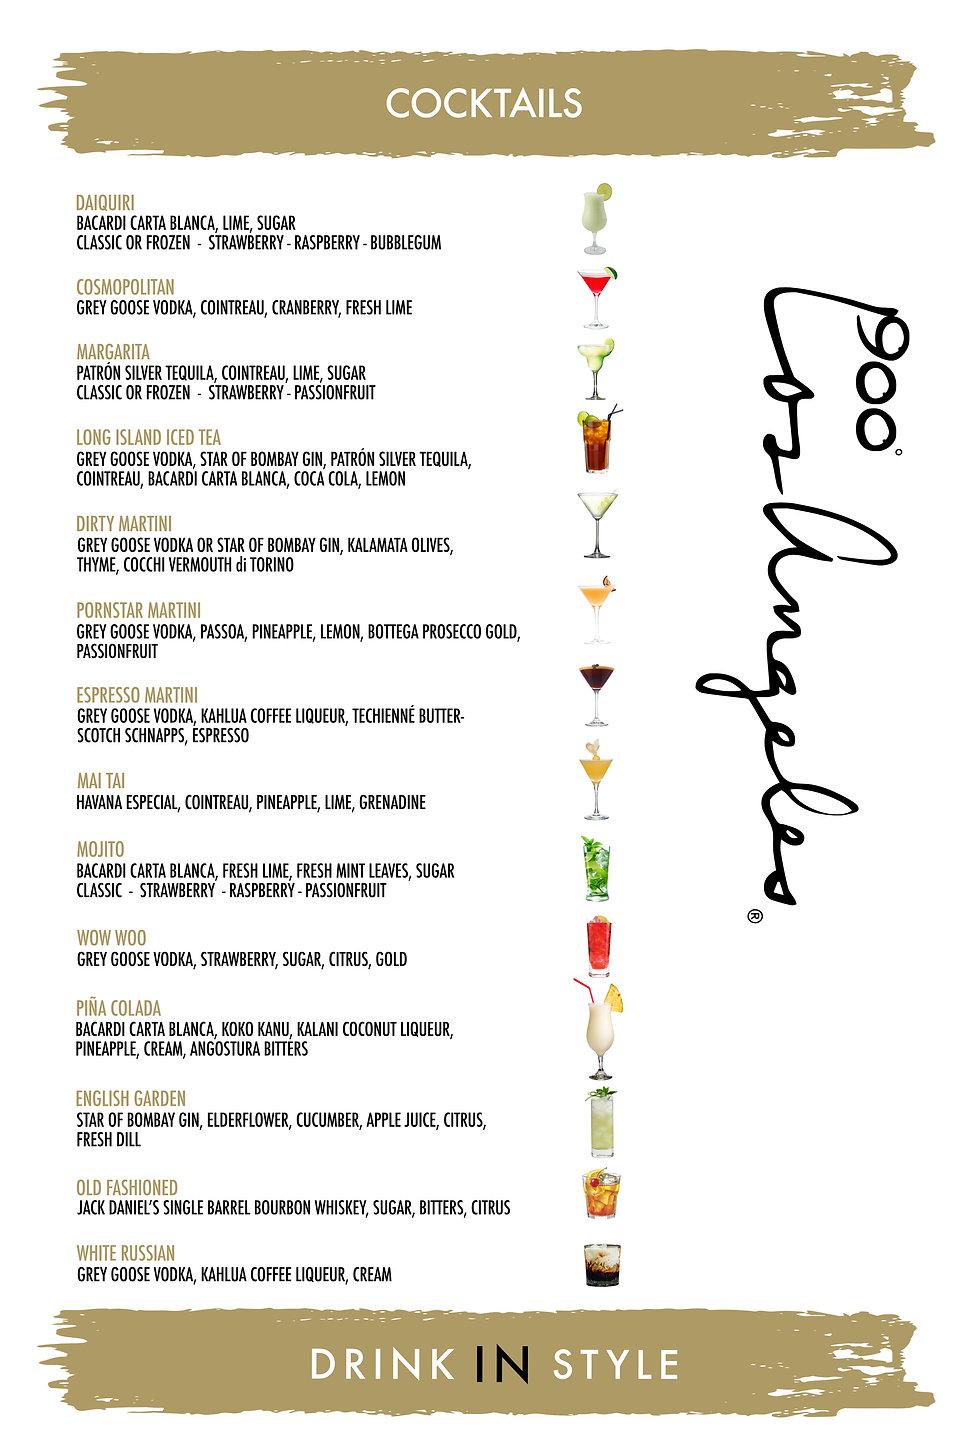 900°-Wix-Cocktails-DPI800.jpg